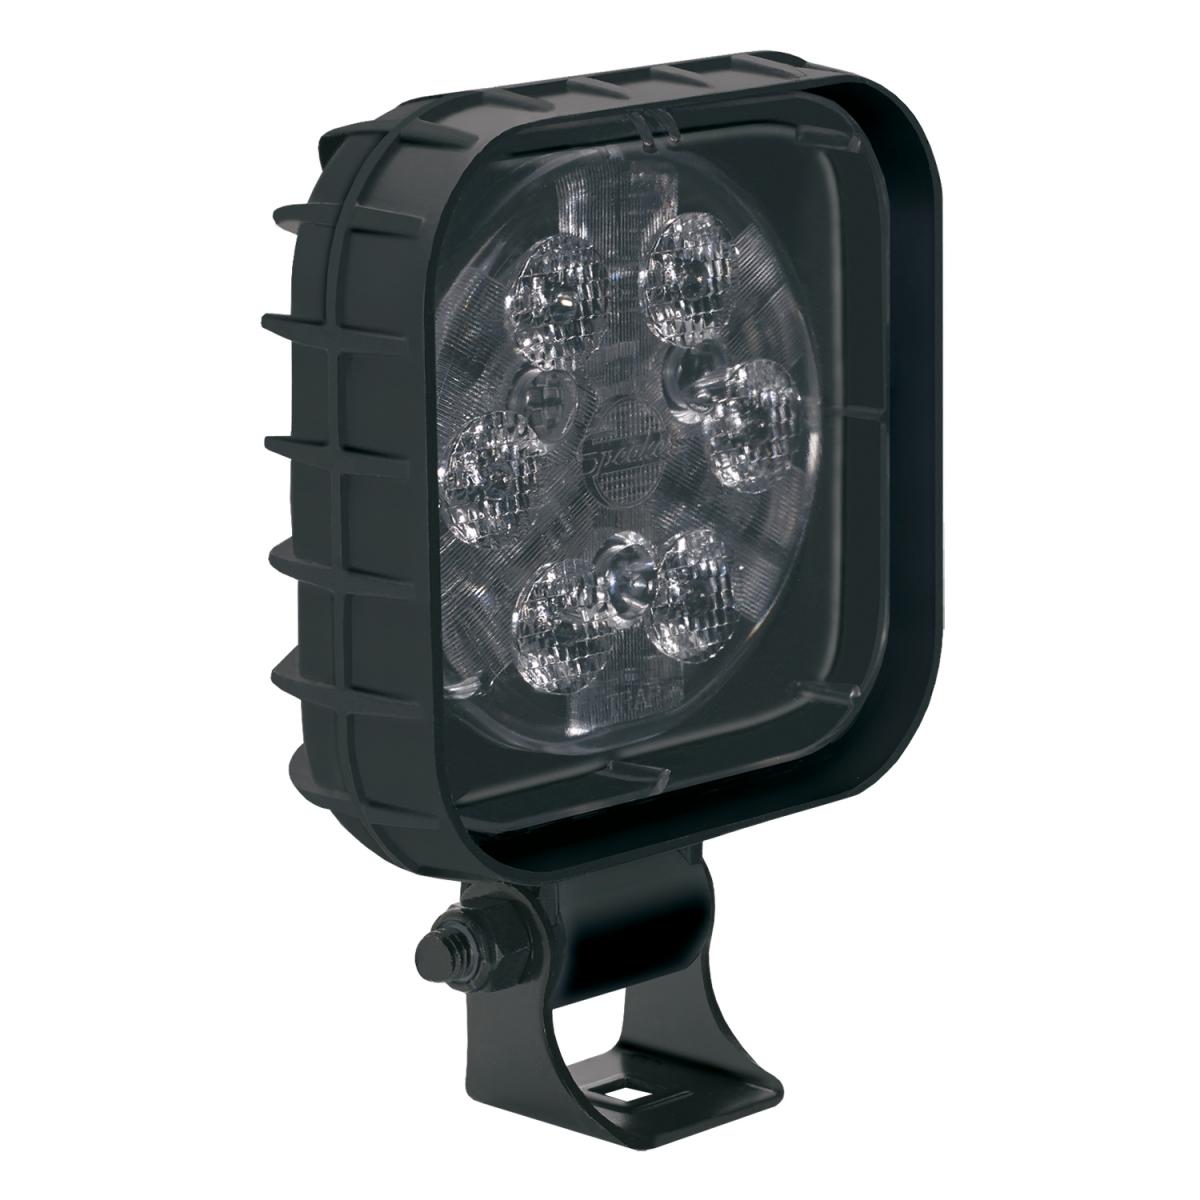 12-24V LED Work Light - Flood Beam